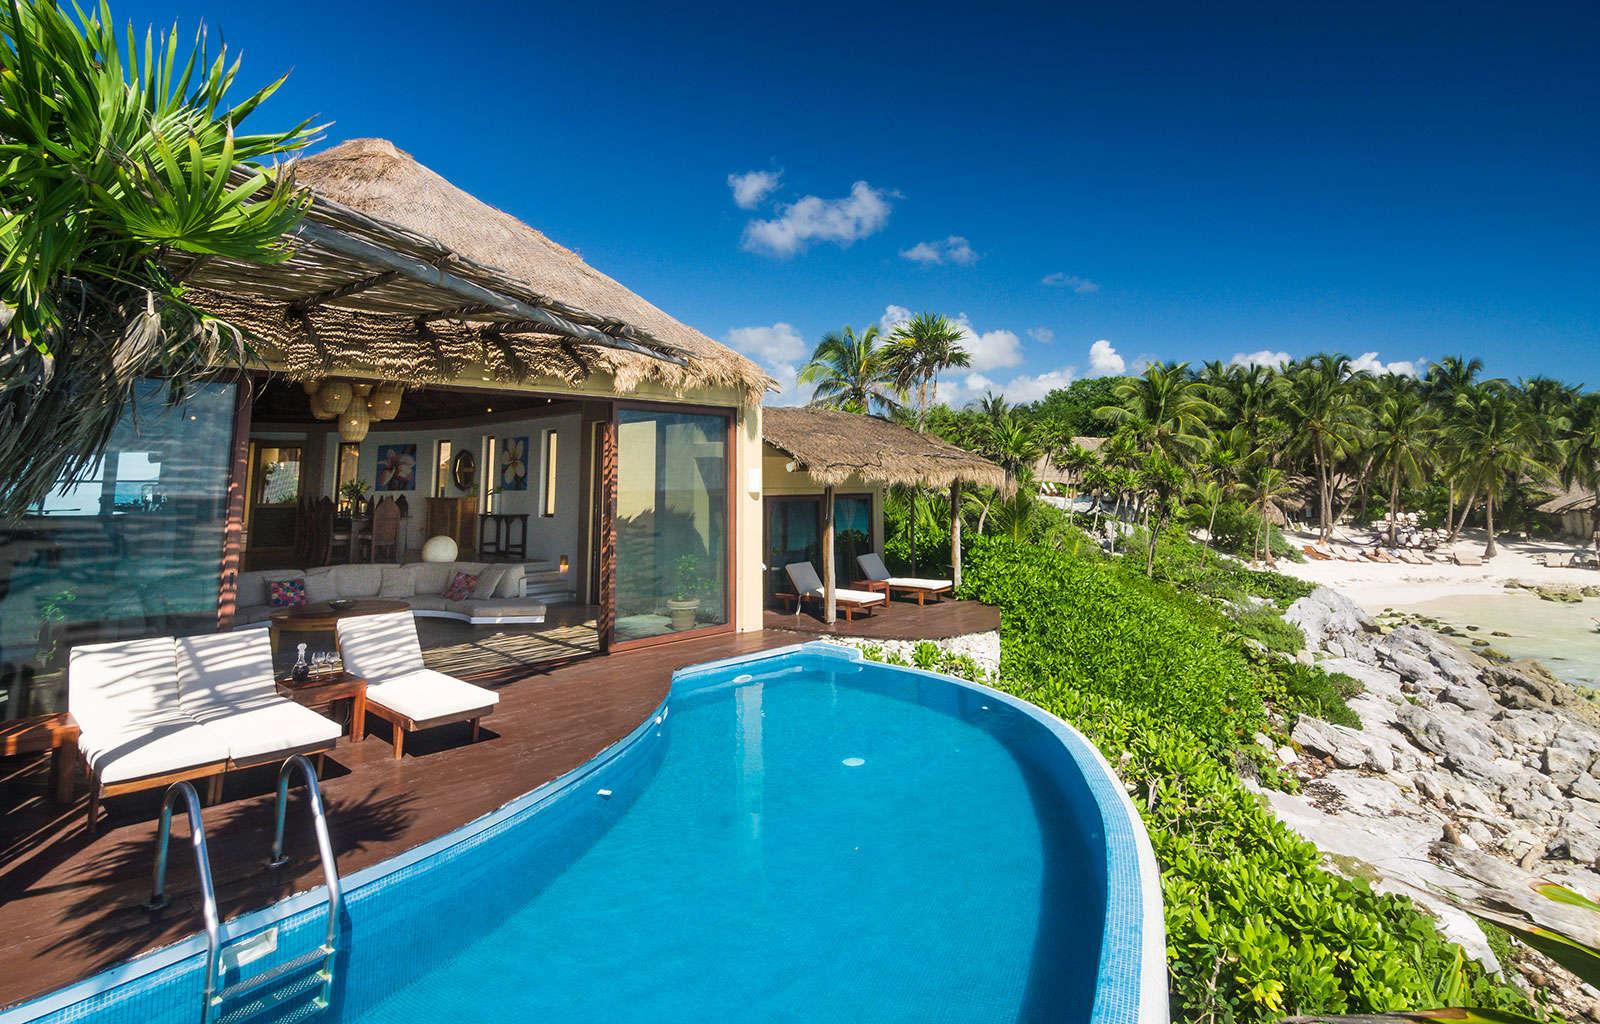 Luxury vacation rentals mexico - Riviera maya - Tulum - No location 4 - Villa Miramar - Image 1/19